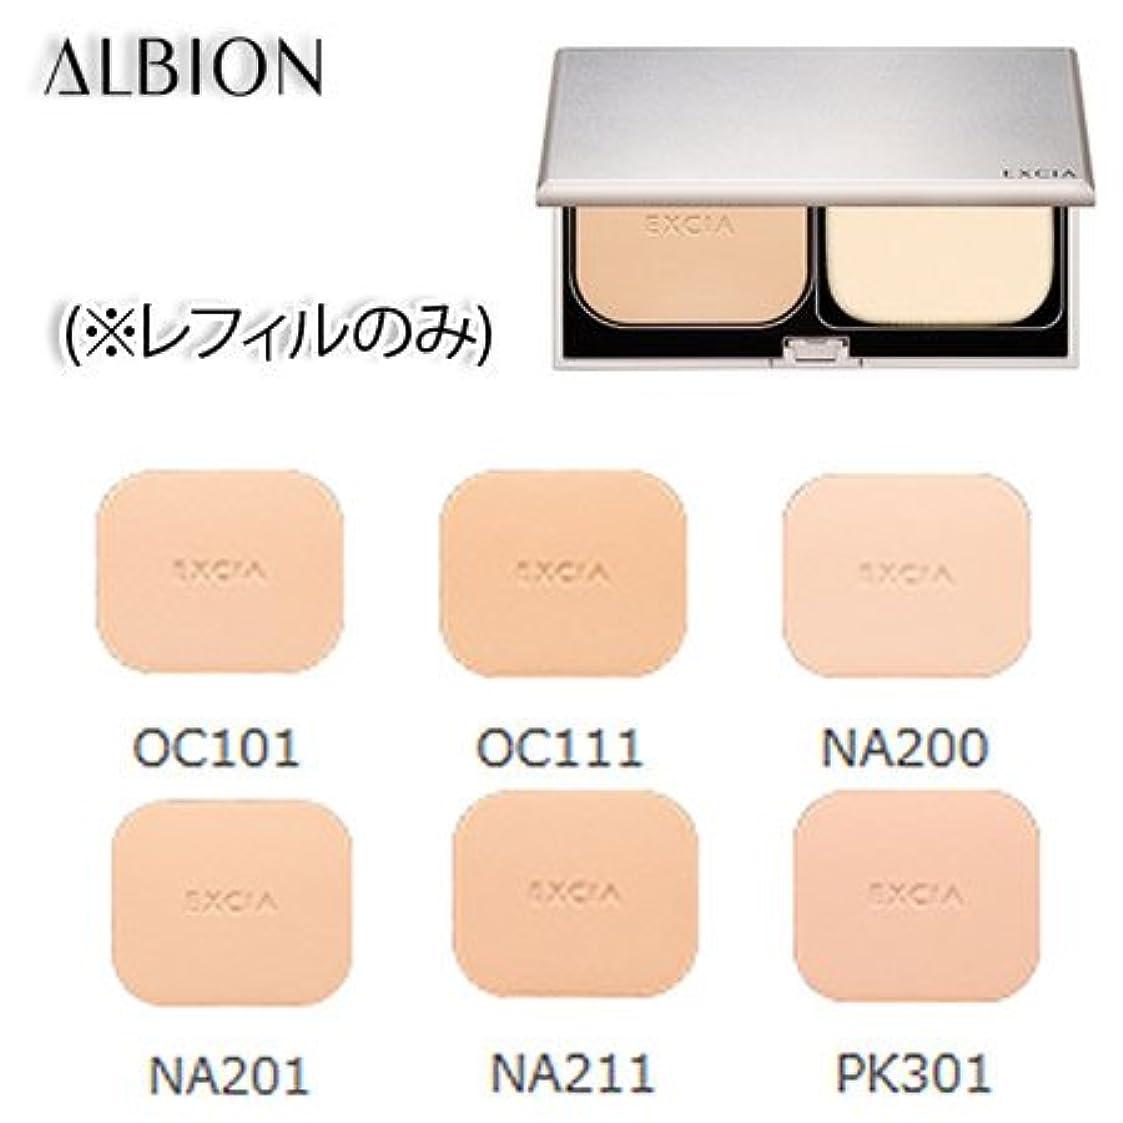 階下ショッキング経由でアルビオン エクシア AL ホワイトプレミアムパウダー ファンデーション SPF30 PA+++ 11g 6色 (レフィルのみ) -ALBION- NA211